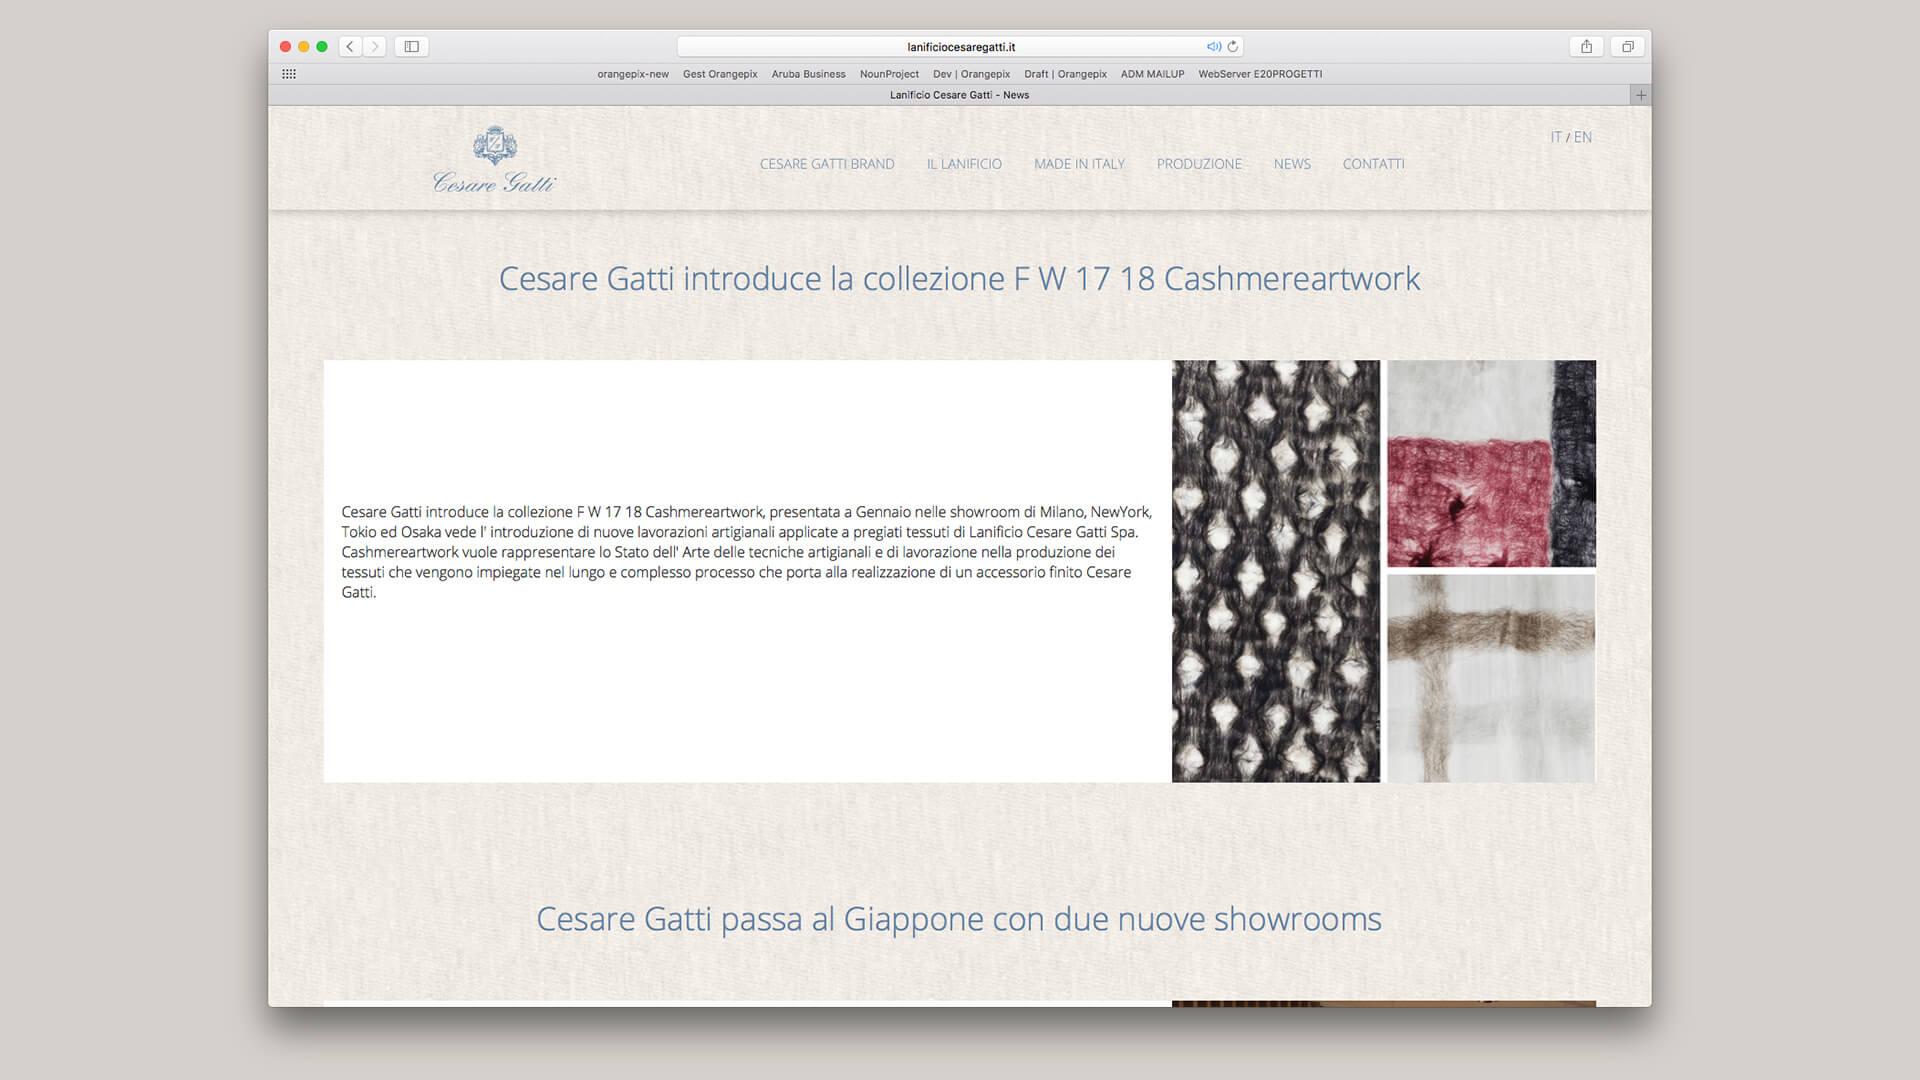 Sito Web di Cesare Gatti realizzato da OrangePix a Biella